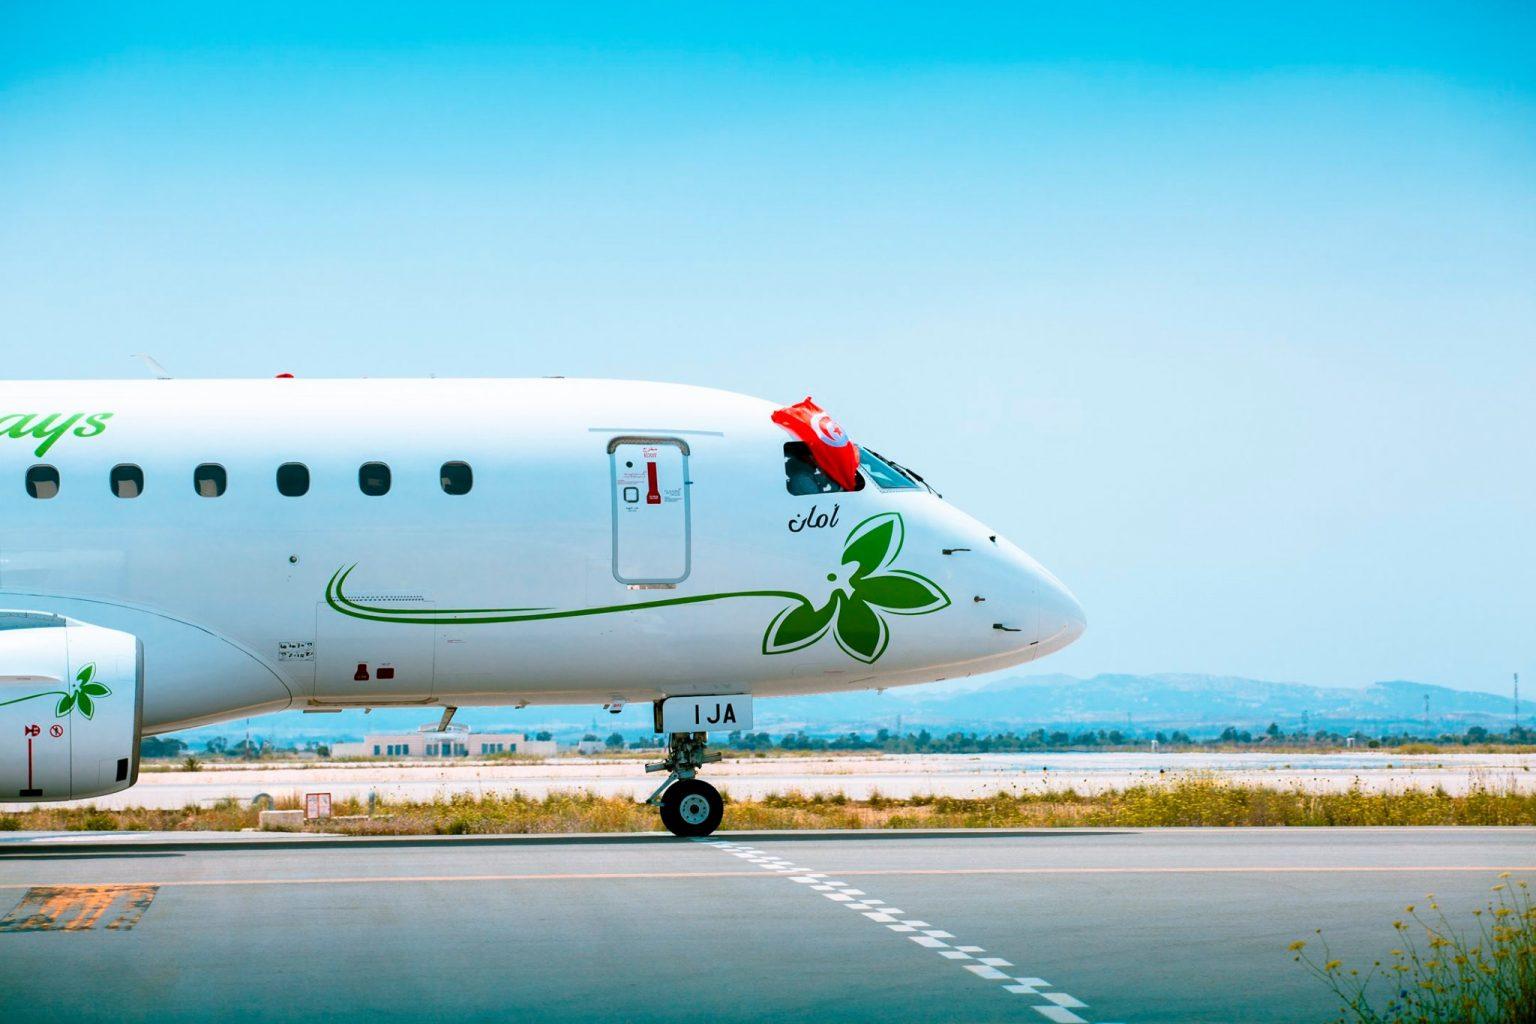 La nouvelle compagnie tunisienne débutera ses vols vers l'Europe le 20 décembre sur des Embraer © Jasmin Airways